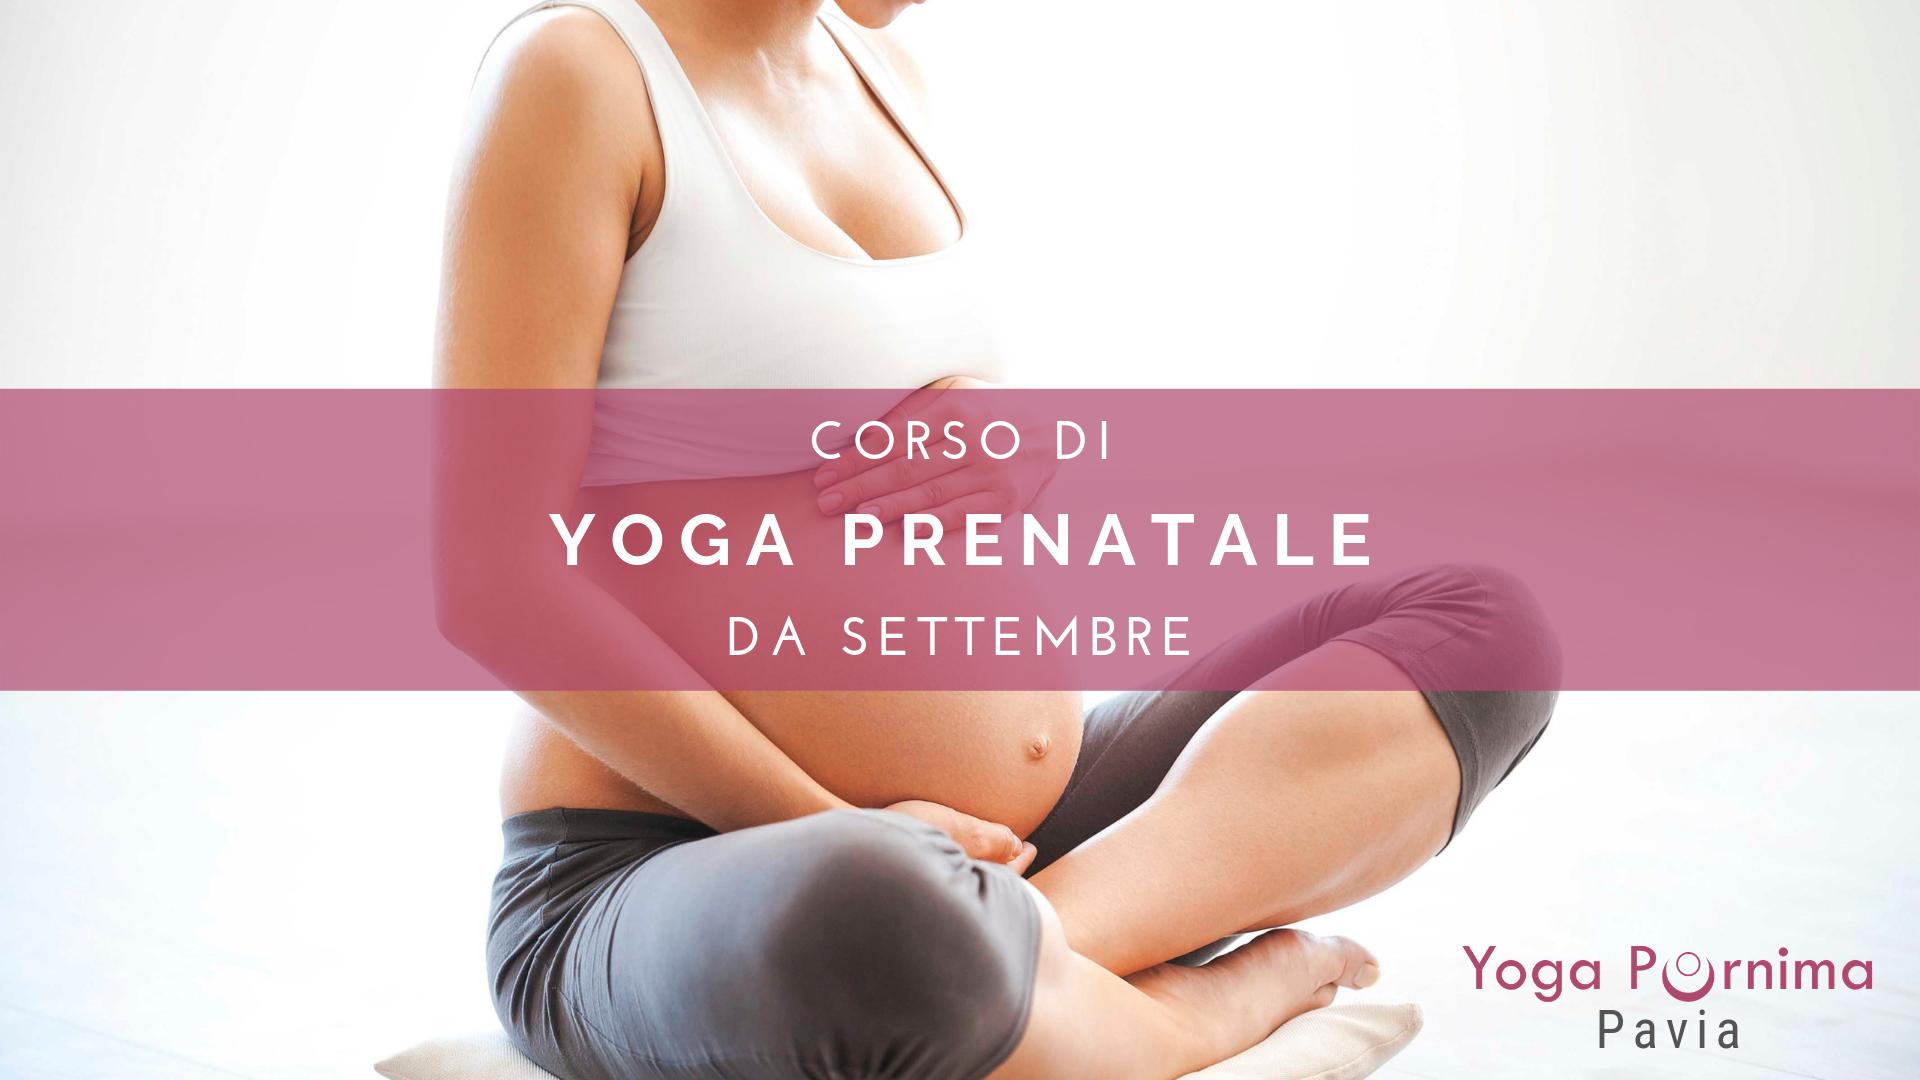 Ricominciano i corsi di Yoga per la gravidanza!